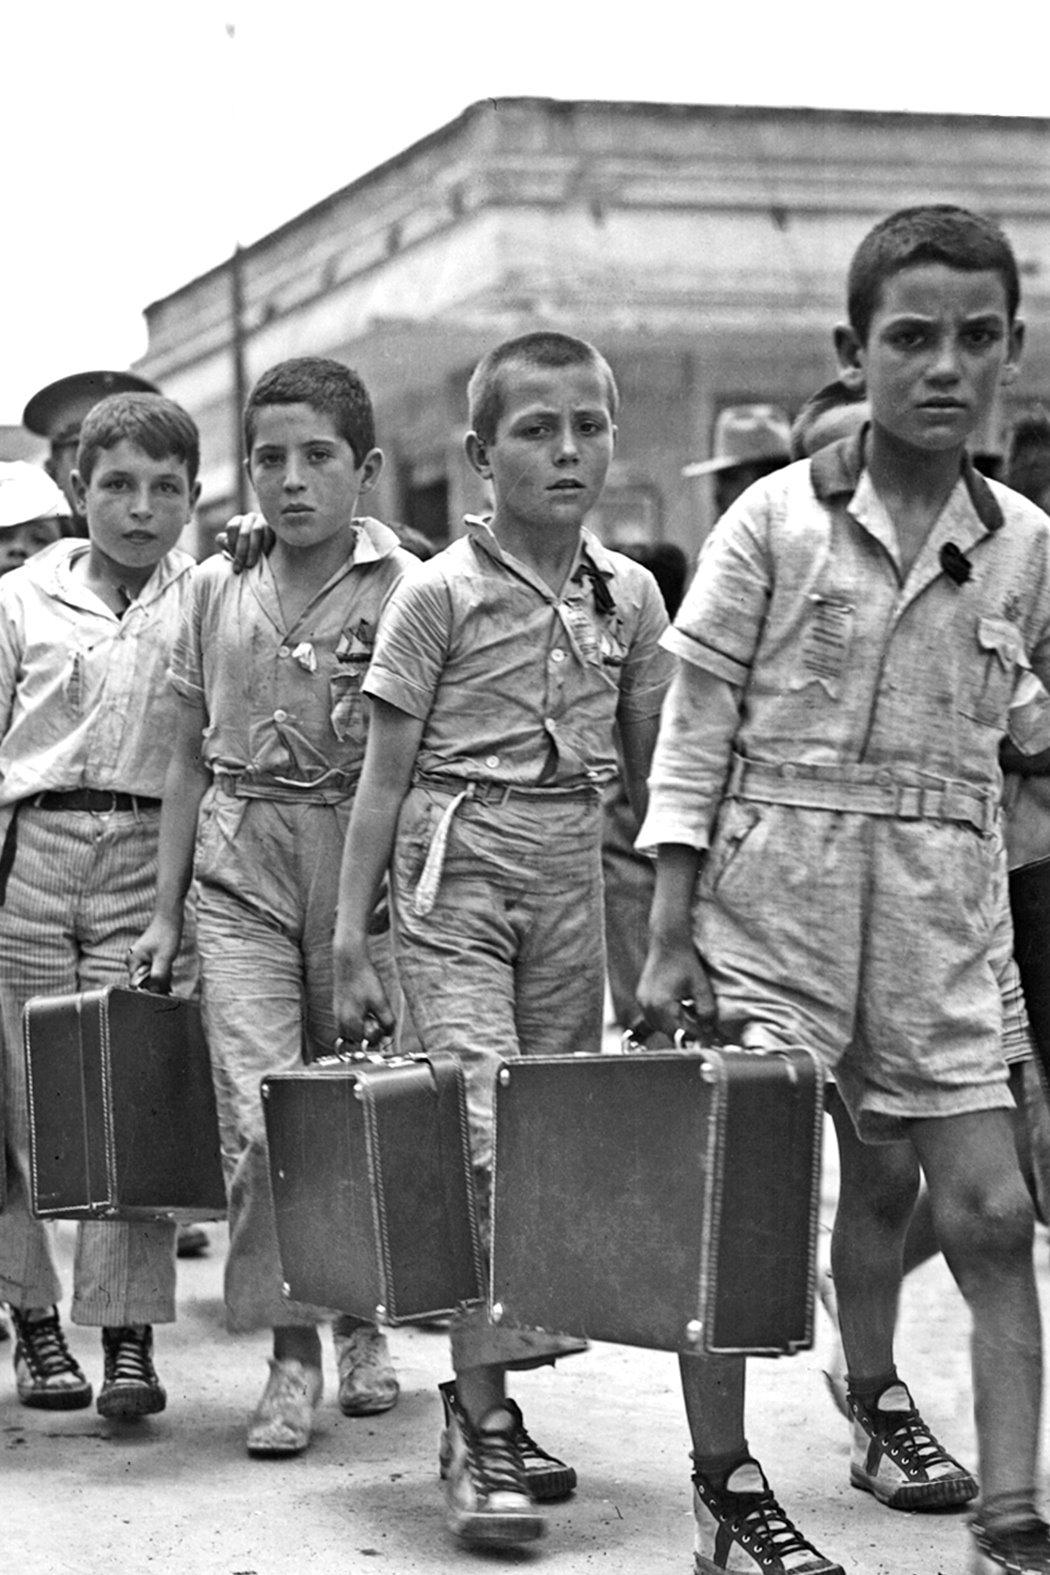 México fue, después de Francia, el segundo país en importancia en la recepción de refugiados españoles, a sus tierras llegaron alrededor de 20 mil. Foto: Llegada de niños españoles a Veracr